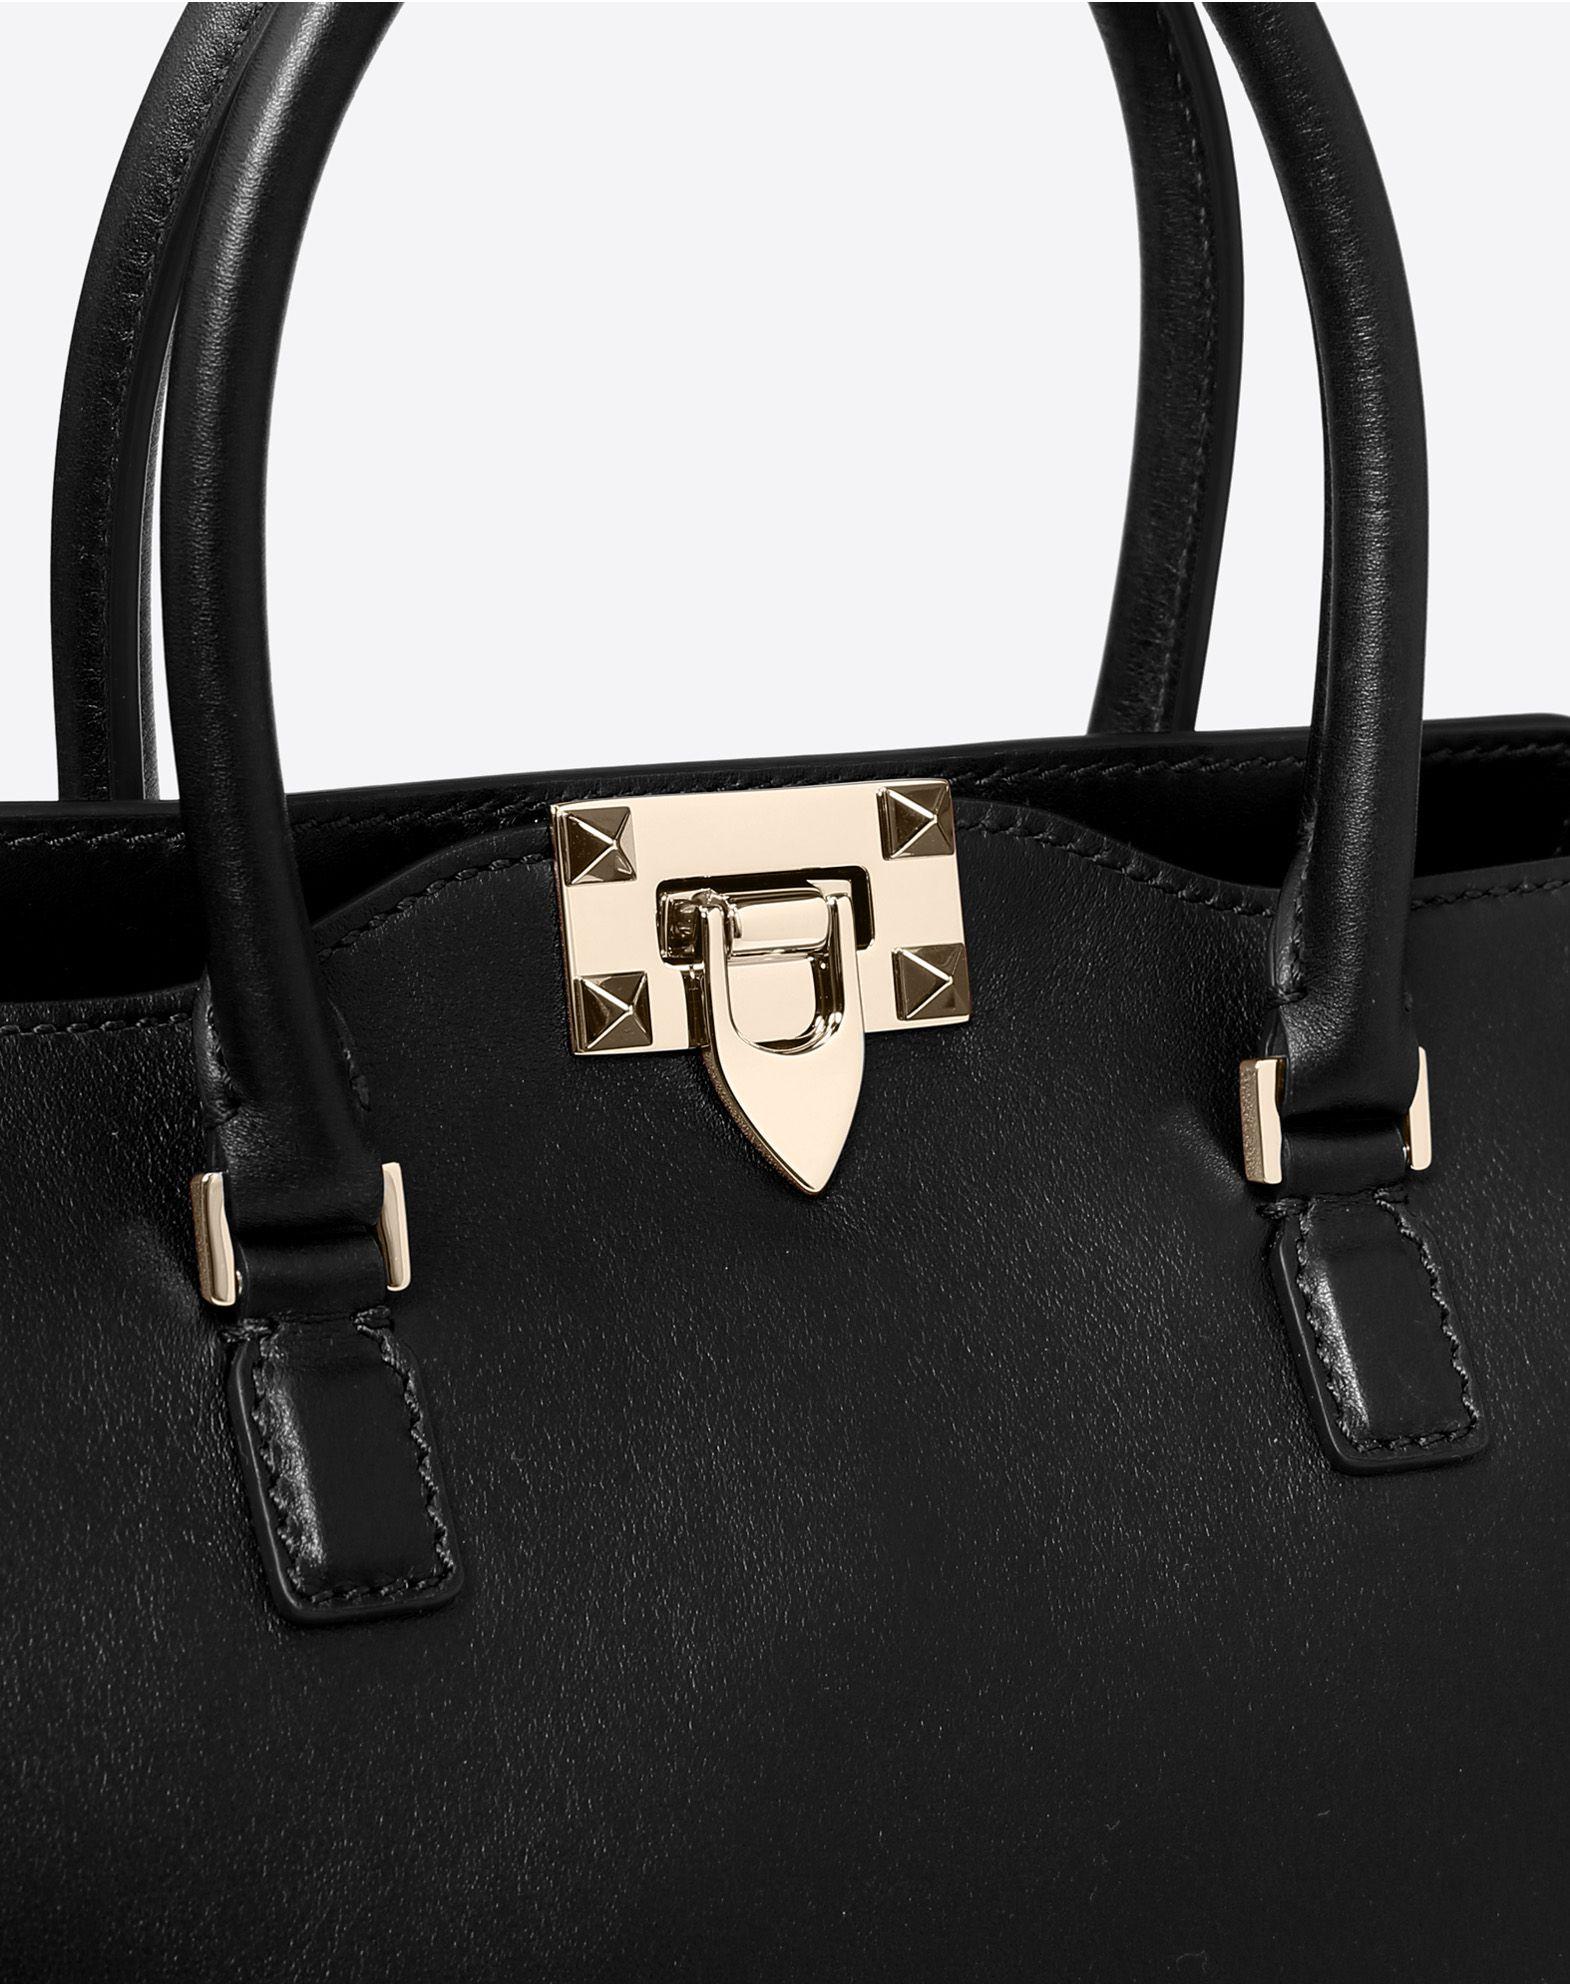 VALENTINO GARAVANI Rockstud Small Handbag HANDBAG D b